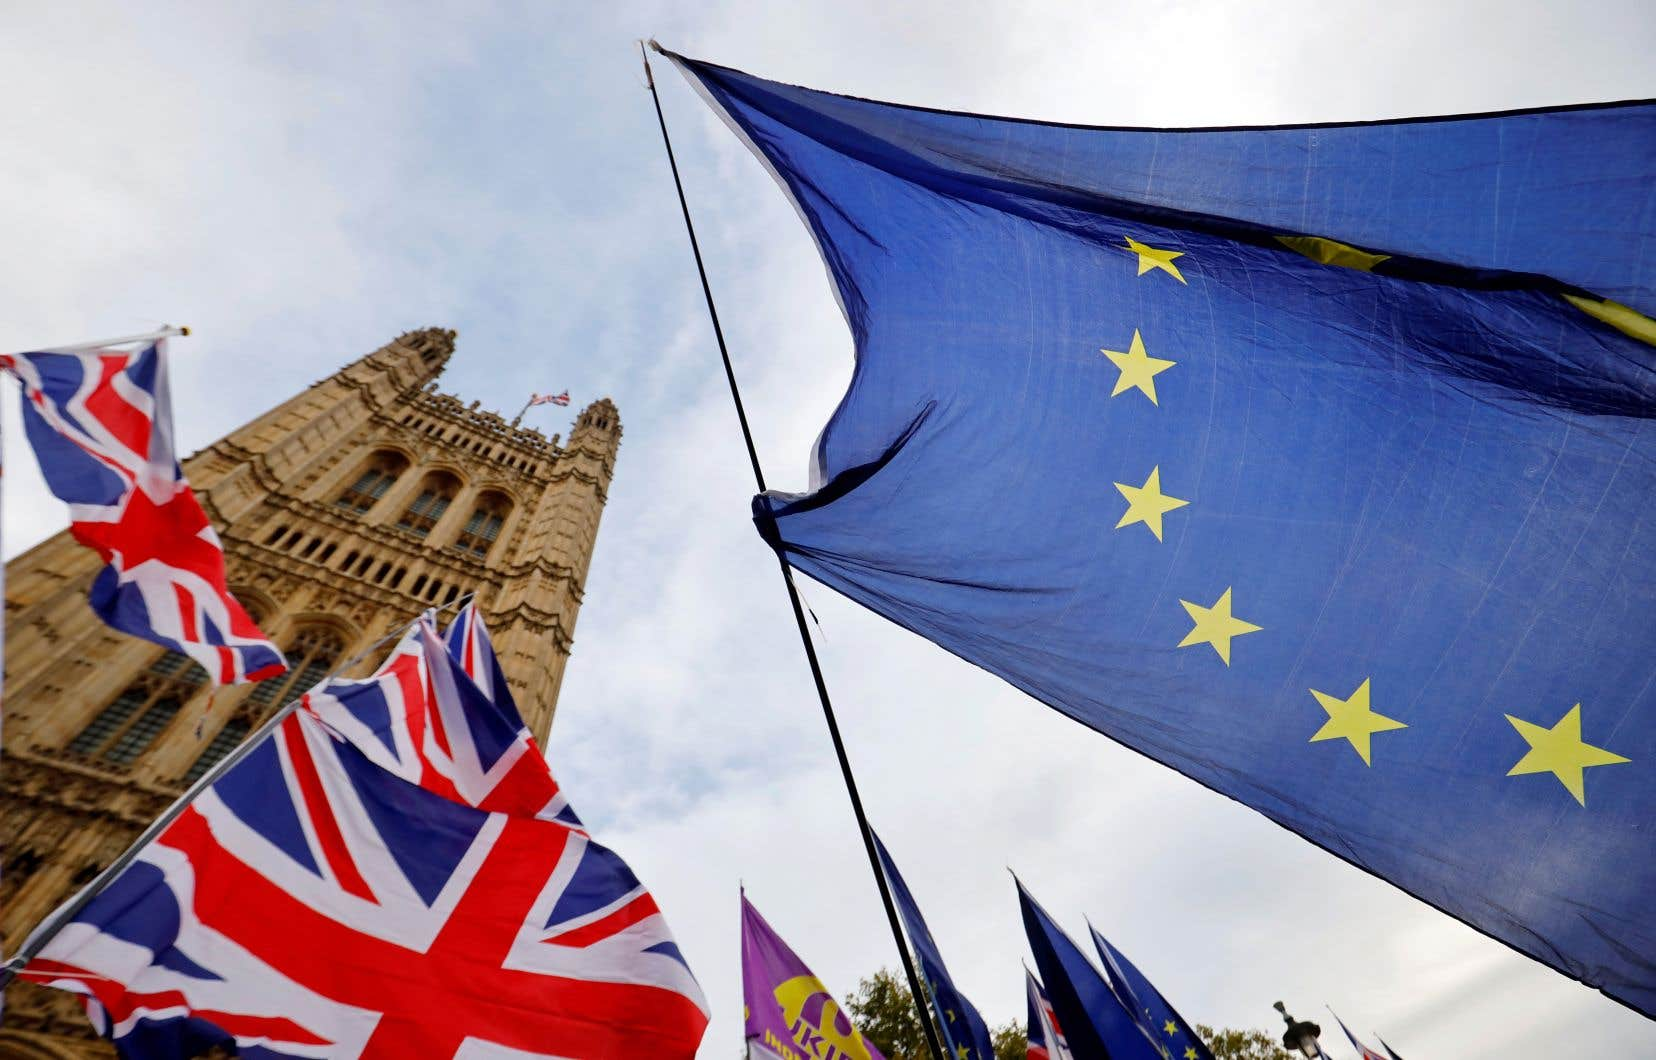 Le Royaume-Uni pourrait se contenter d'un accord minimal se limitant au commerce des biens, ou même simplement claquer la porte dans un Brexit sans accord, en s'en remettant aux seules règles de l'OMC.